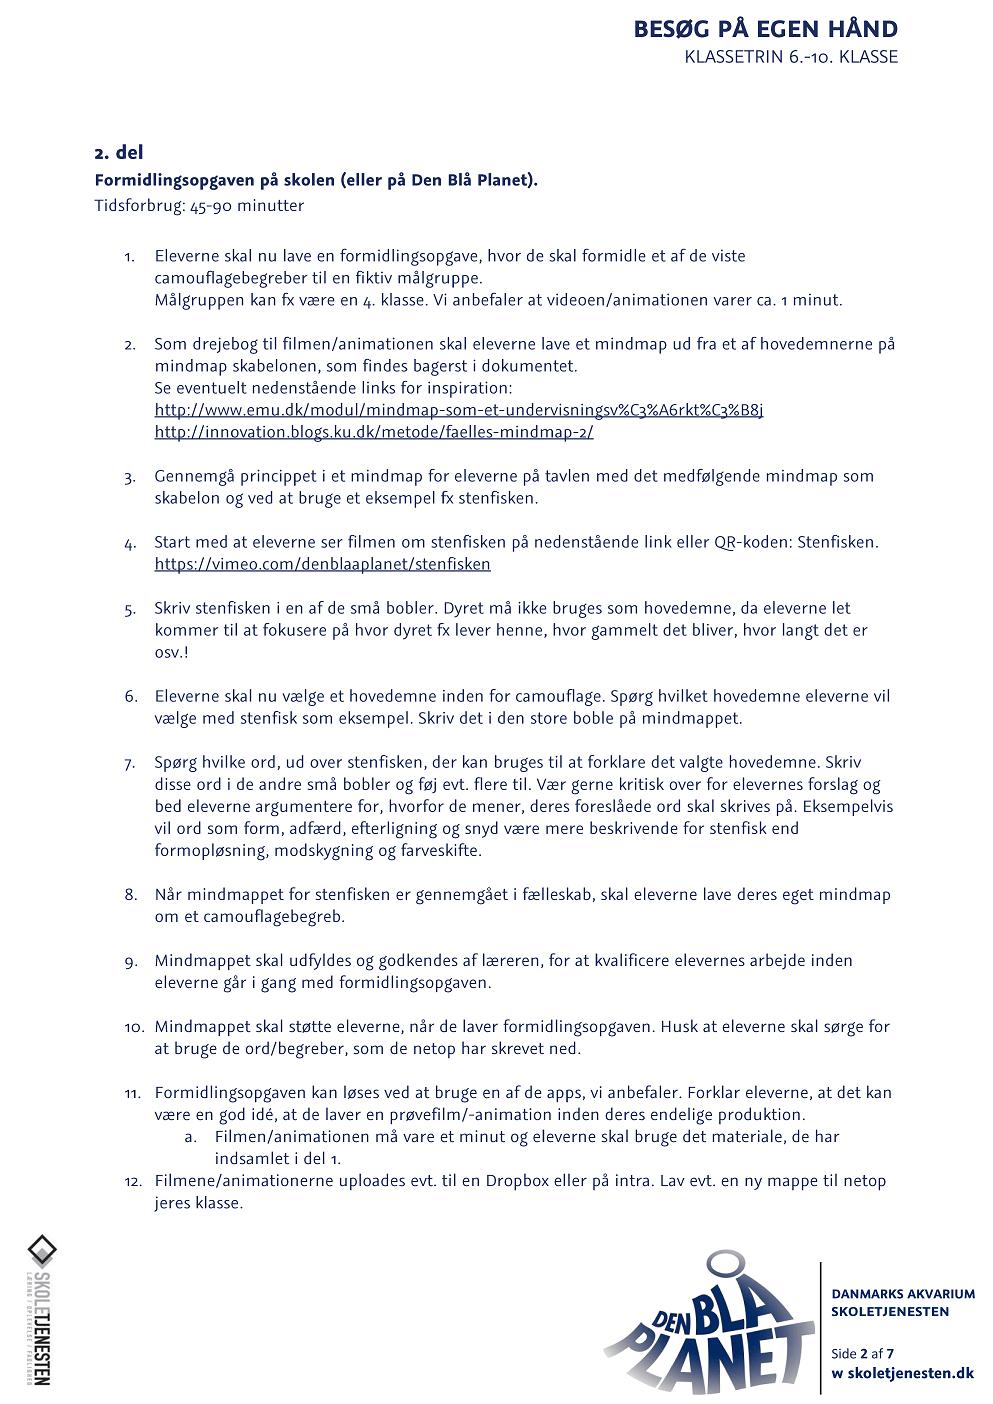 instruktions-materiale-til-fisk-og-formidling-paa-egen-haand-2